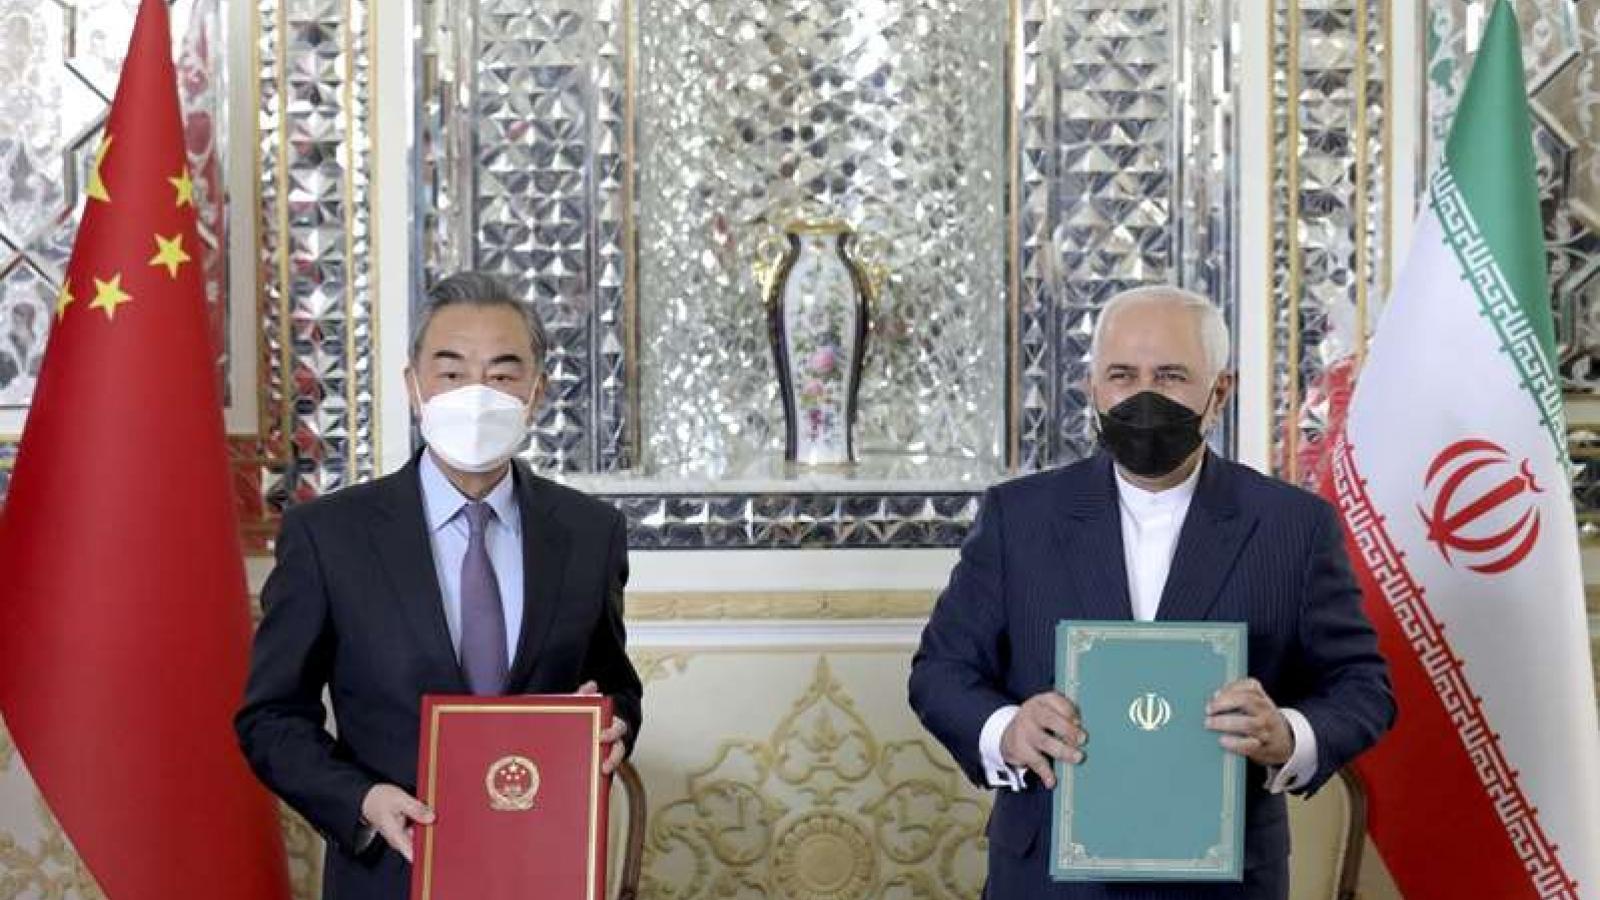 Gần gũi với Nga và Iran, Trung Quốc có thể mất cả châu Âu và Trung Đông